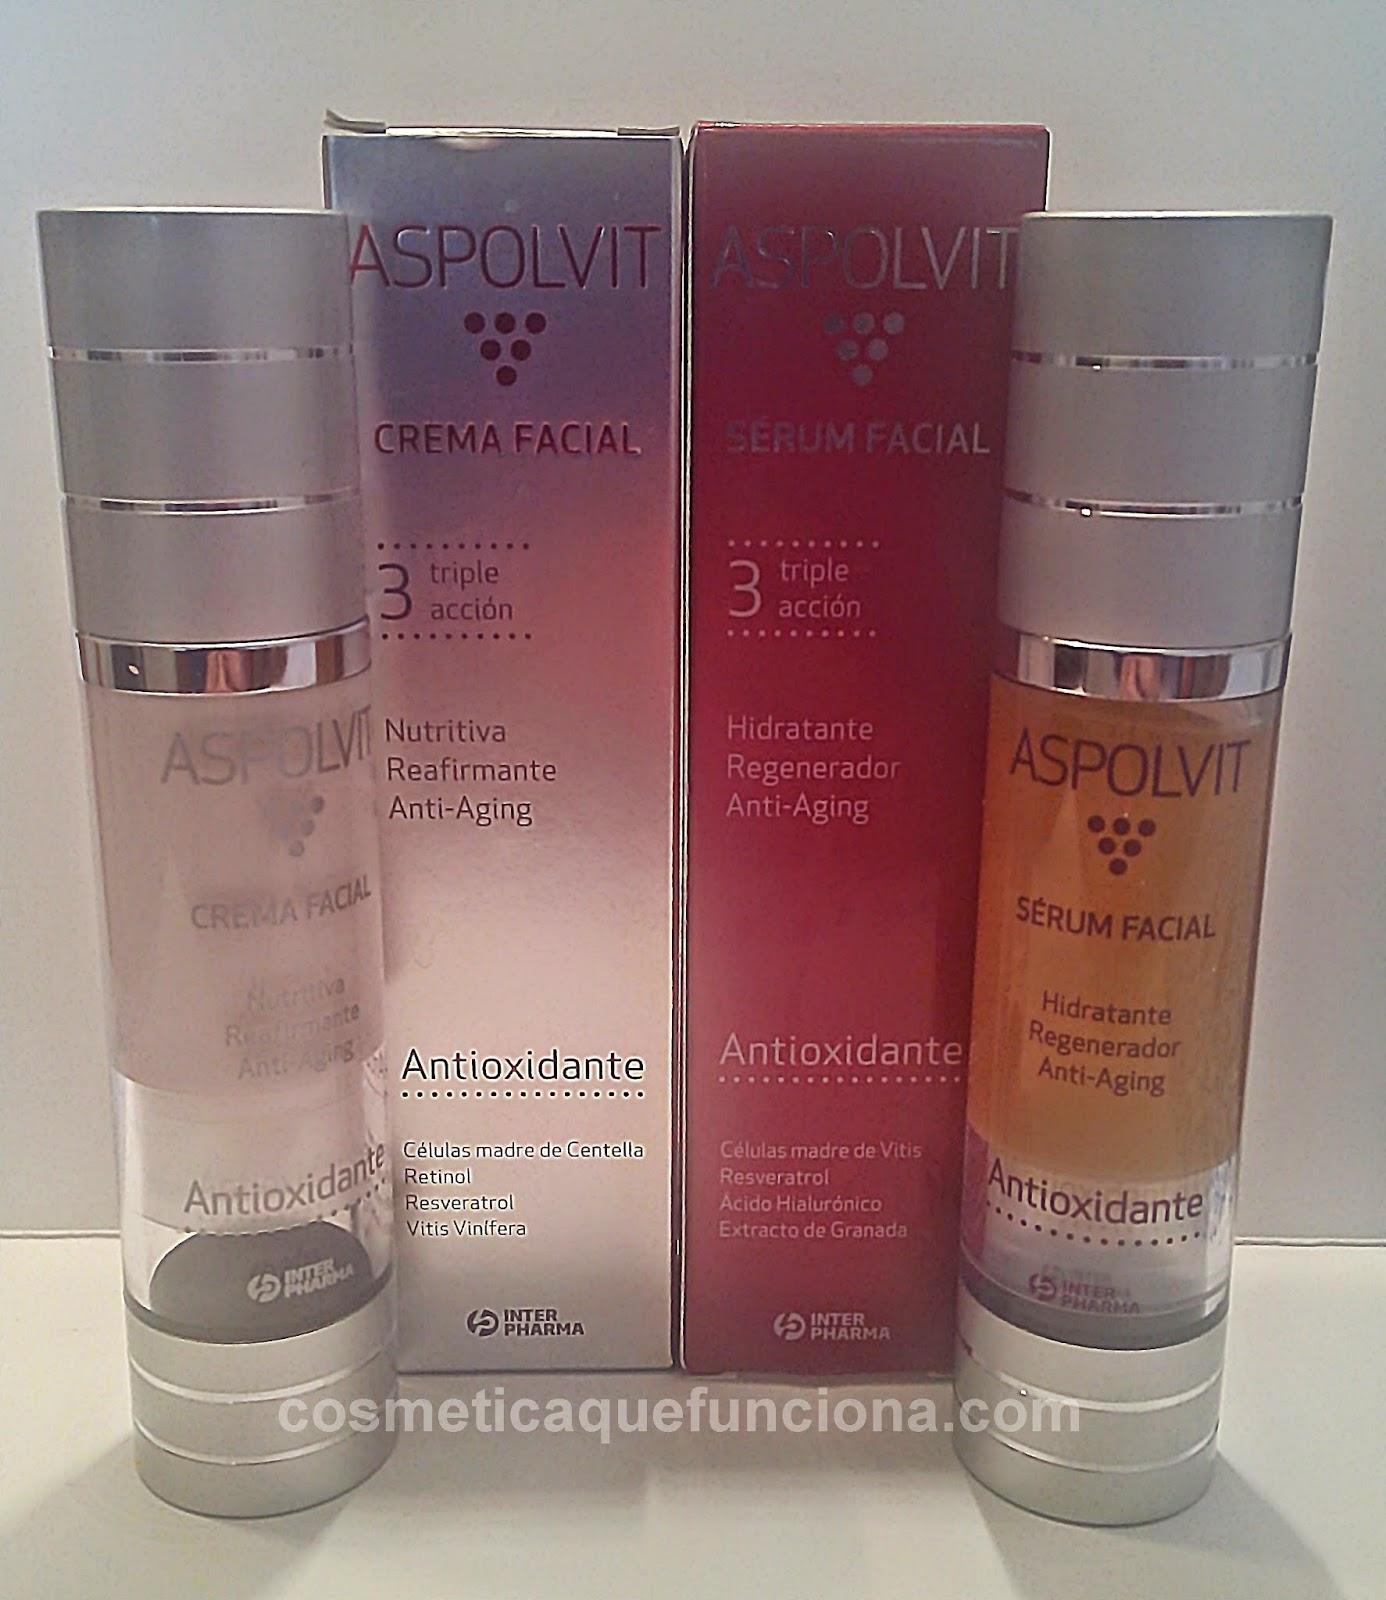 Serum y crema Aspolvit. Mi nuevo tratamiento anti-aging - Blog de Belleza Cosmetica que Si Funciona